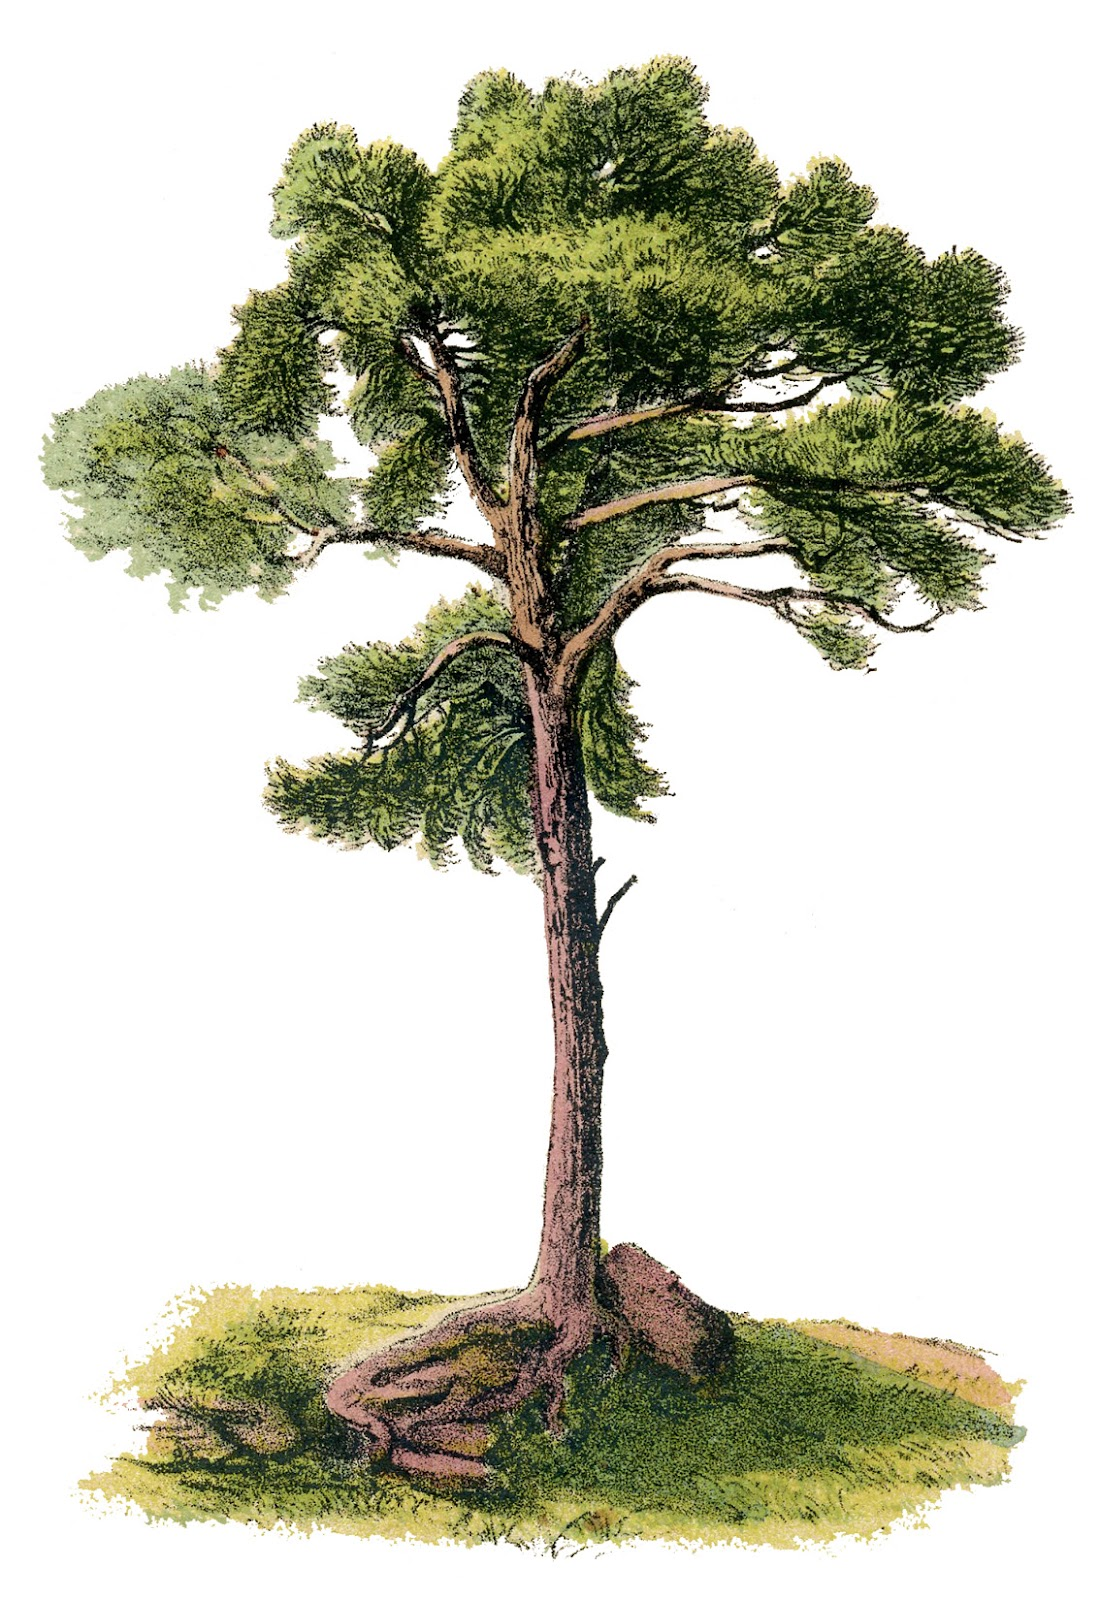 http://thegraphicsfairy.com/wp-content/uploads/blogger/-GXi8yHjt0fc/T-zV1MX-VfI/AAAAAAAASgI/uChxO5KV9yE/s1600/tree-Vintage-GraphicsFairy6.jpg